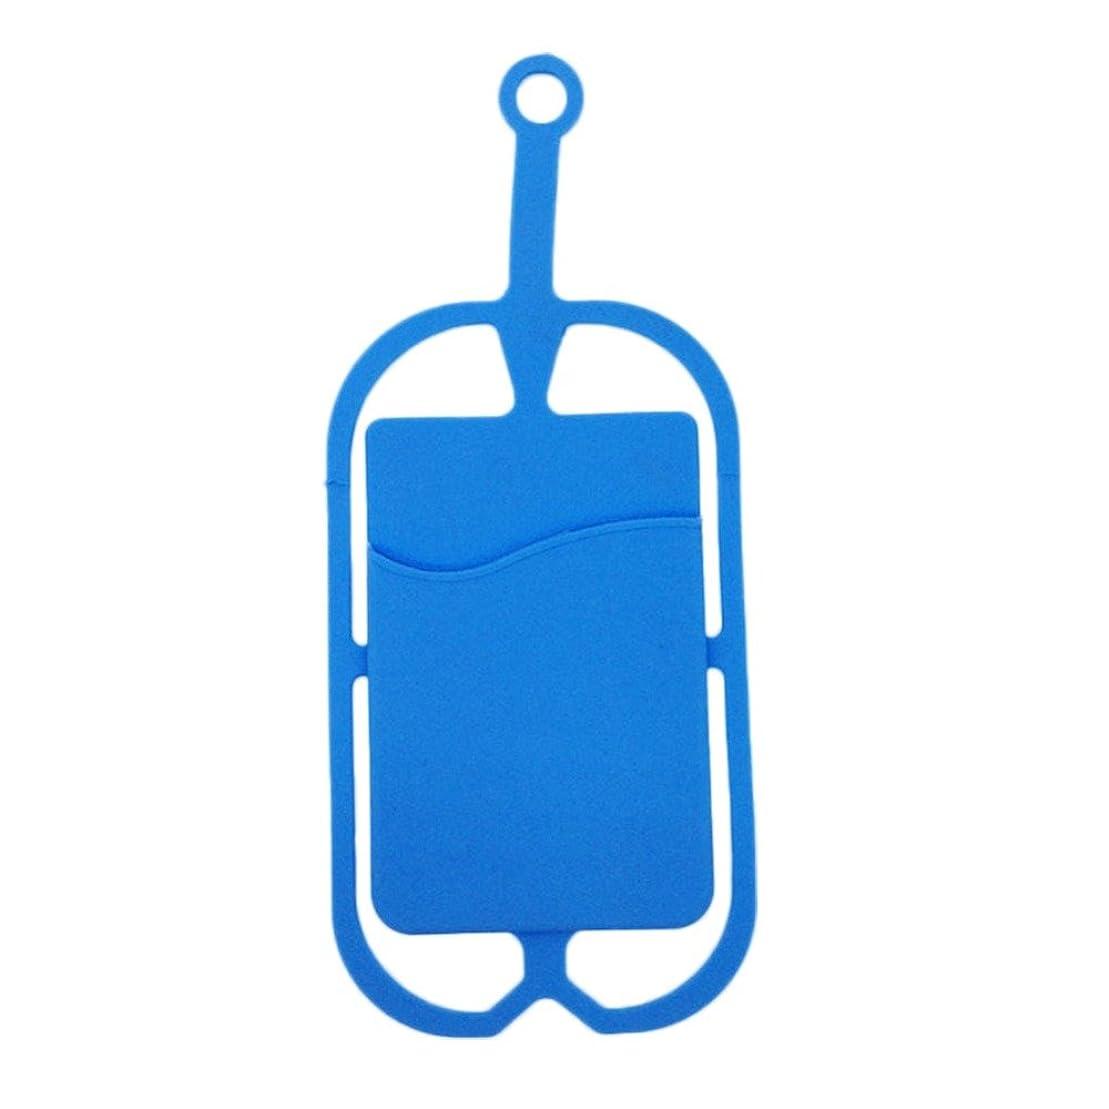 最適適性肥沃なJicorzo - ロープ環境に優しいユニバーサルシリコーン電話ケースカードカバーバス銀行IDカードケースホルダー